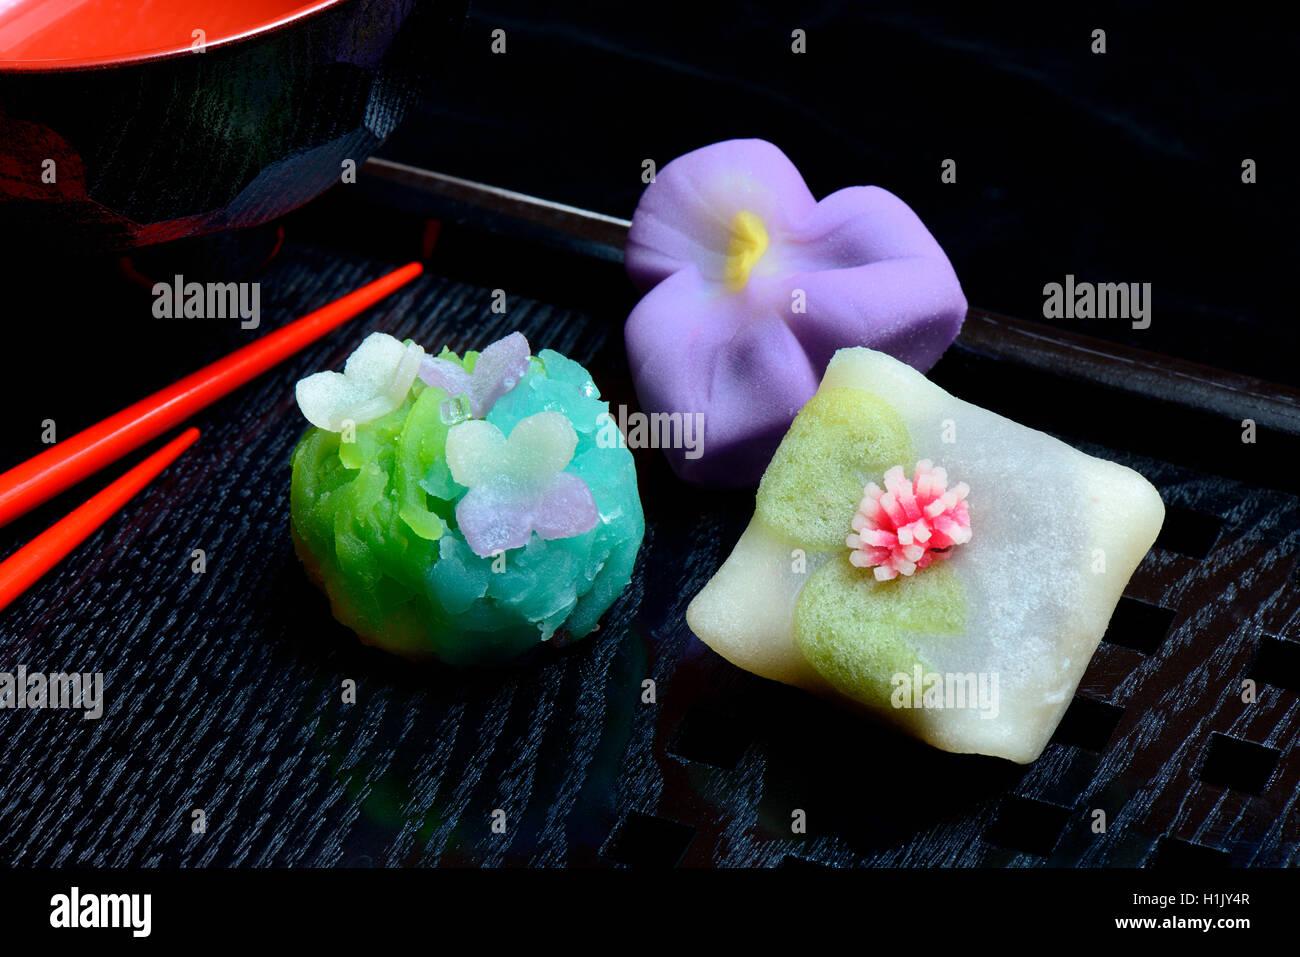 Wagashi, Japanische Suessigkeiten auf Tablett mit Schriftzeichen, mochi, Suessigkeit, Suessigkeiten, suess, süss, - Stock Image